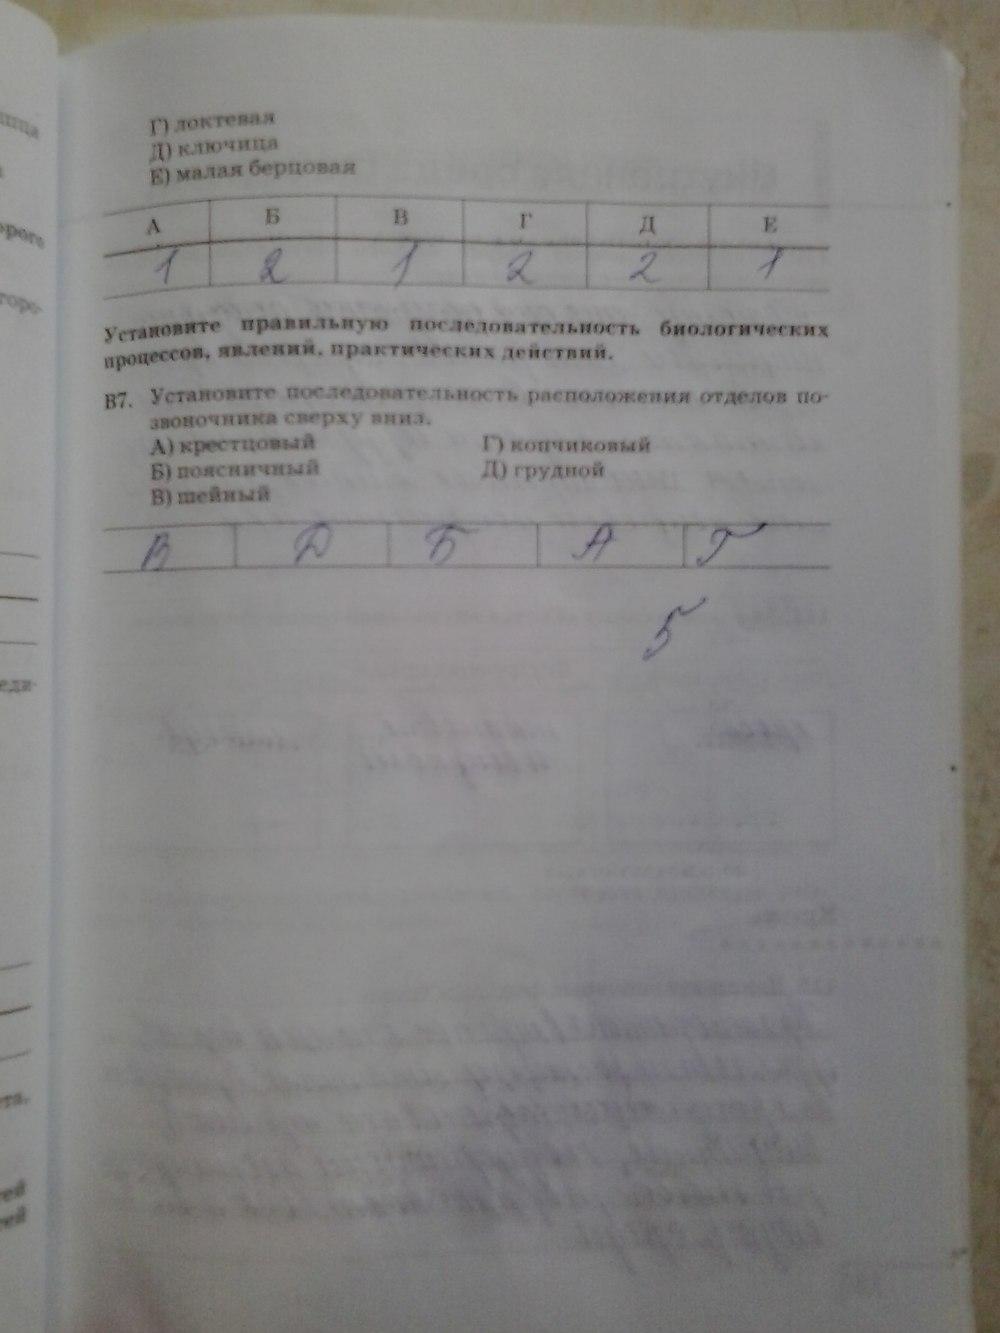 Гдз по биологии за 8 класс рабочая тетрадь агафонова